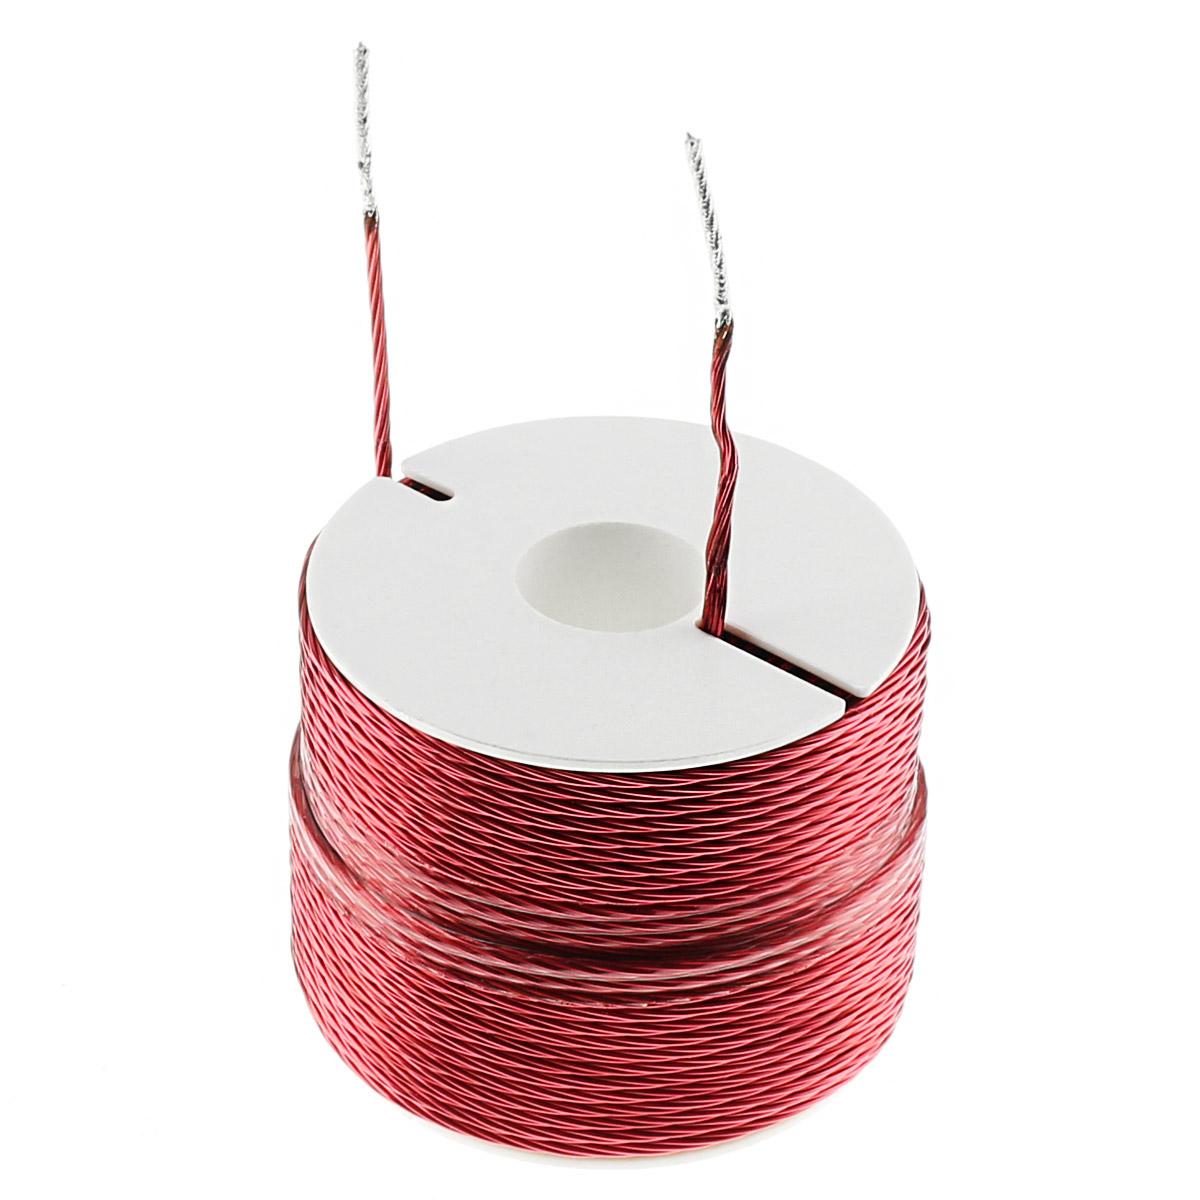 MUNDORF LL60 7 Strands Copper Wire Coil 0.33mH